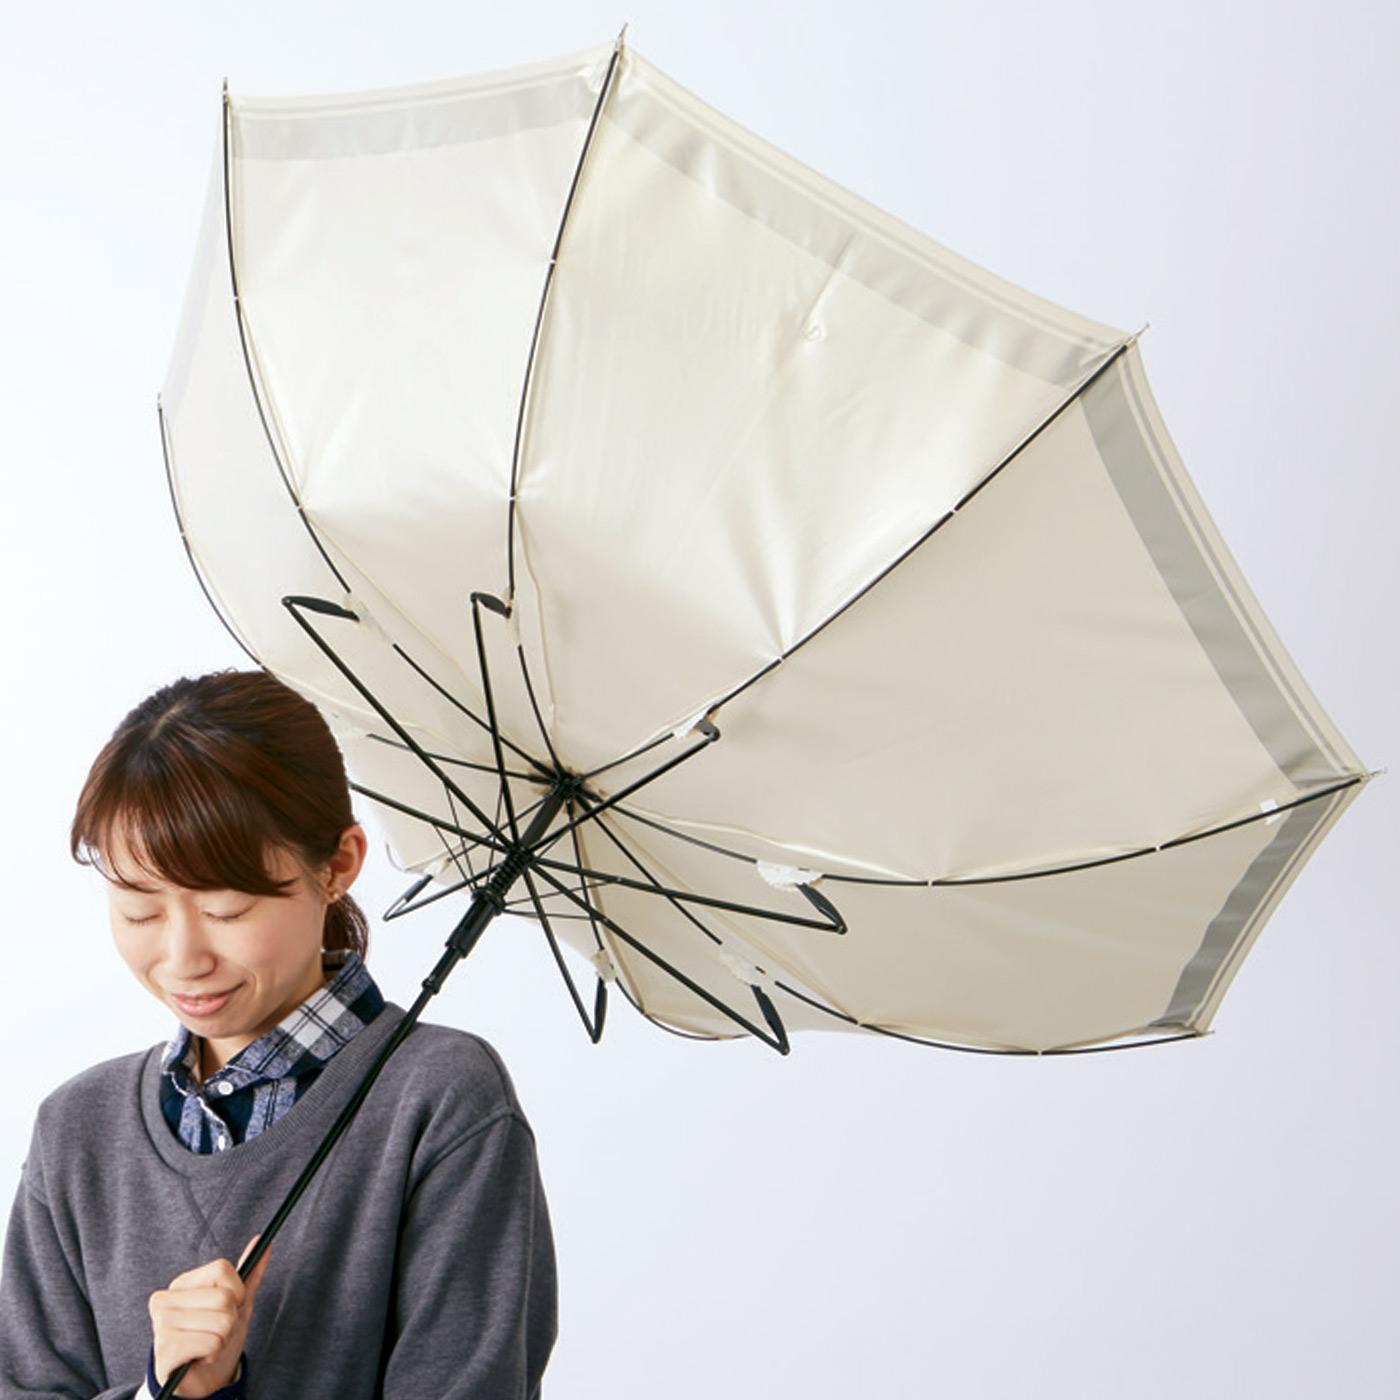 急な突風で傘がひっくり返っても